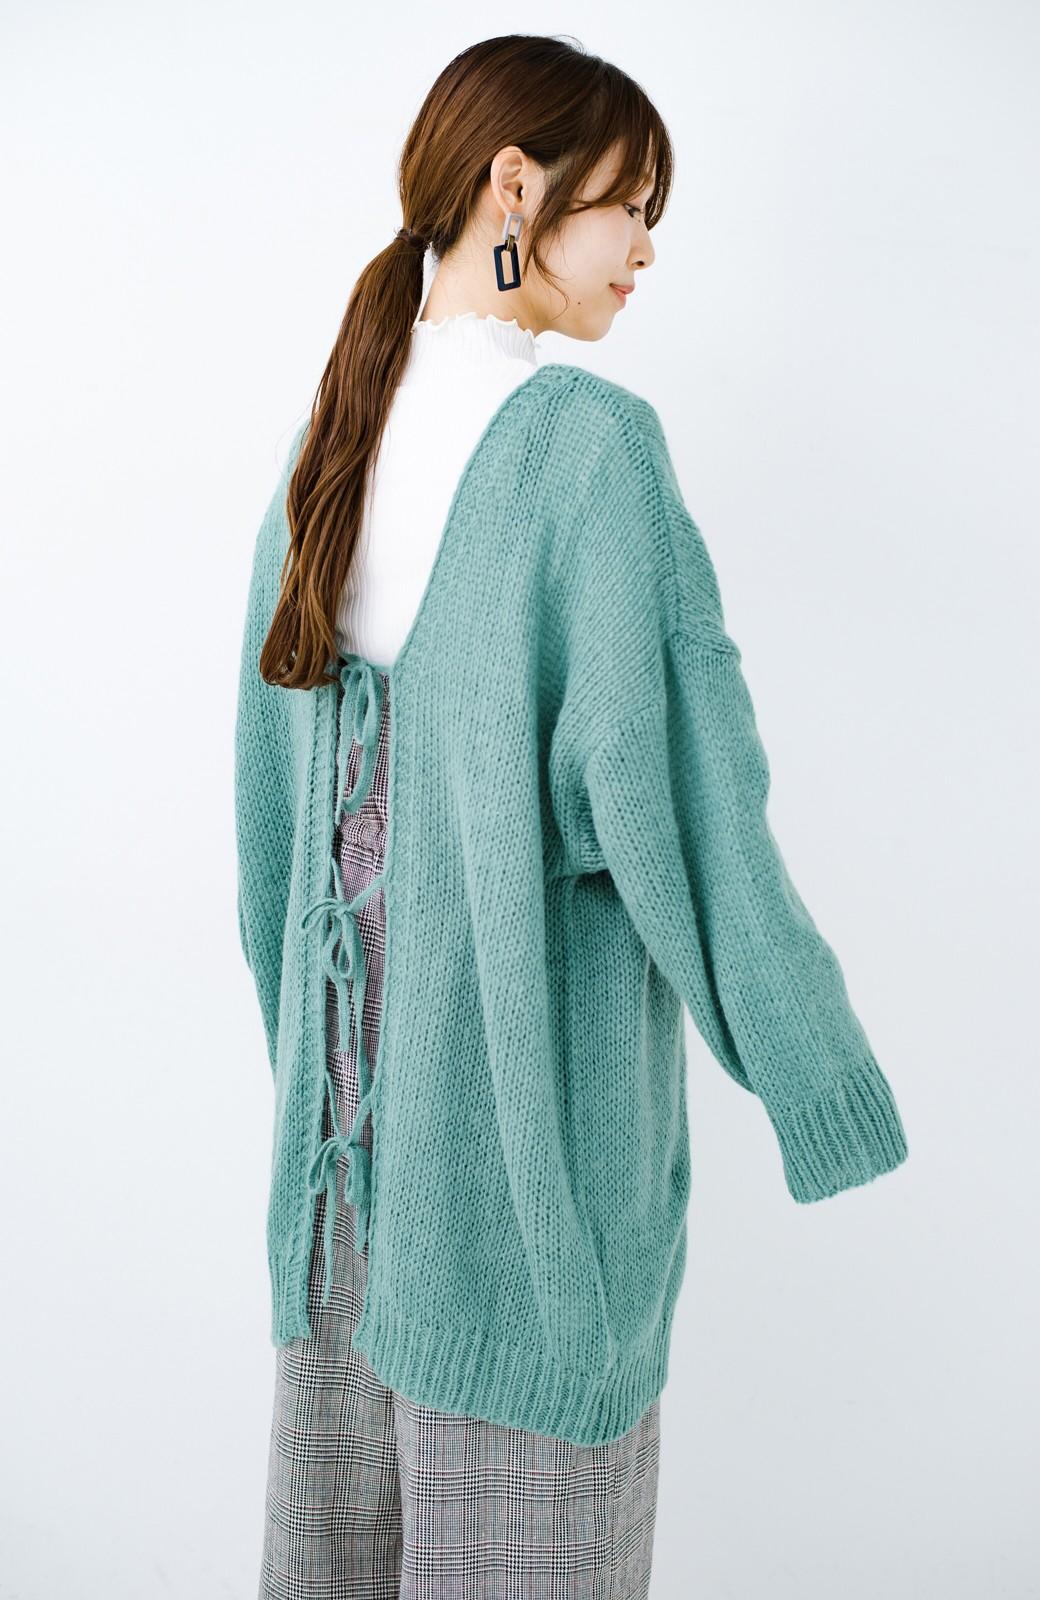 haco! ゆるゆるゆる編みで軽やかにかわいくなれる 前後ろ2WAYカーディガン <ミント>の商品写真5